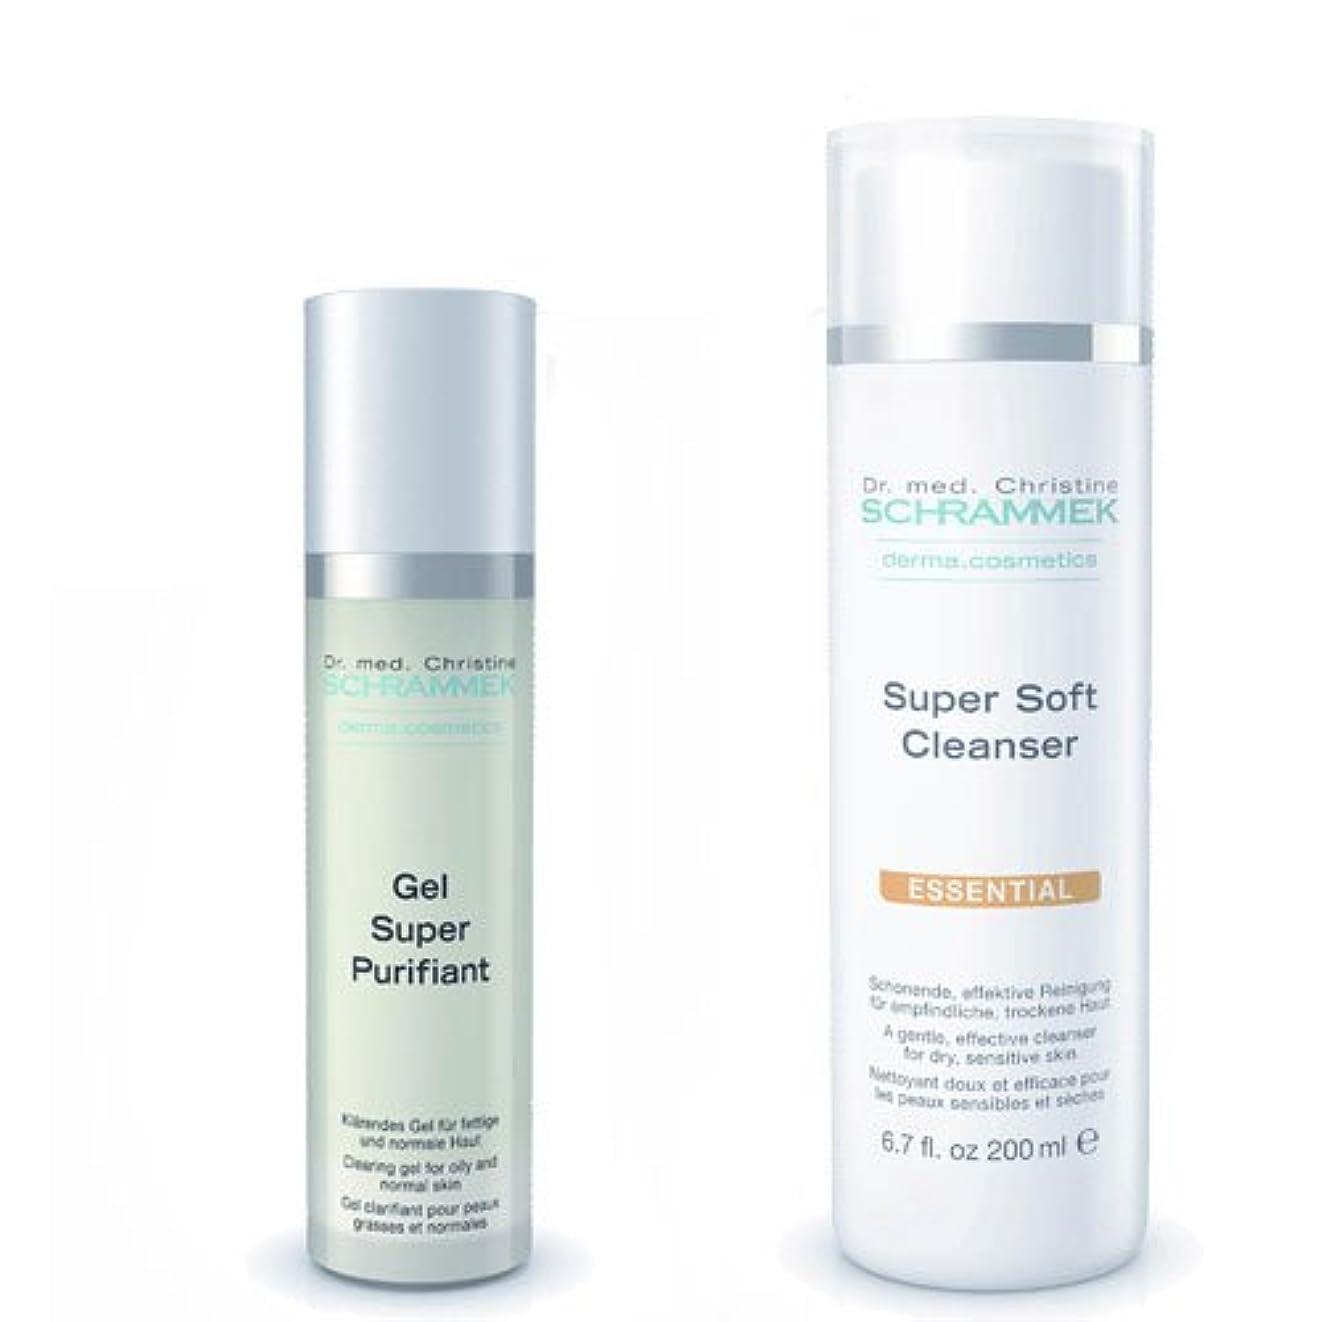 褒賞ジュラシックパーク光シュラメック 「GREEN PEEL 洗顔2点セット(ノーマル肌?敏感肌?乾燥肌用)」 スーパーソフトクレンザー&ジェルスーパーピュリフィアント